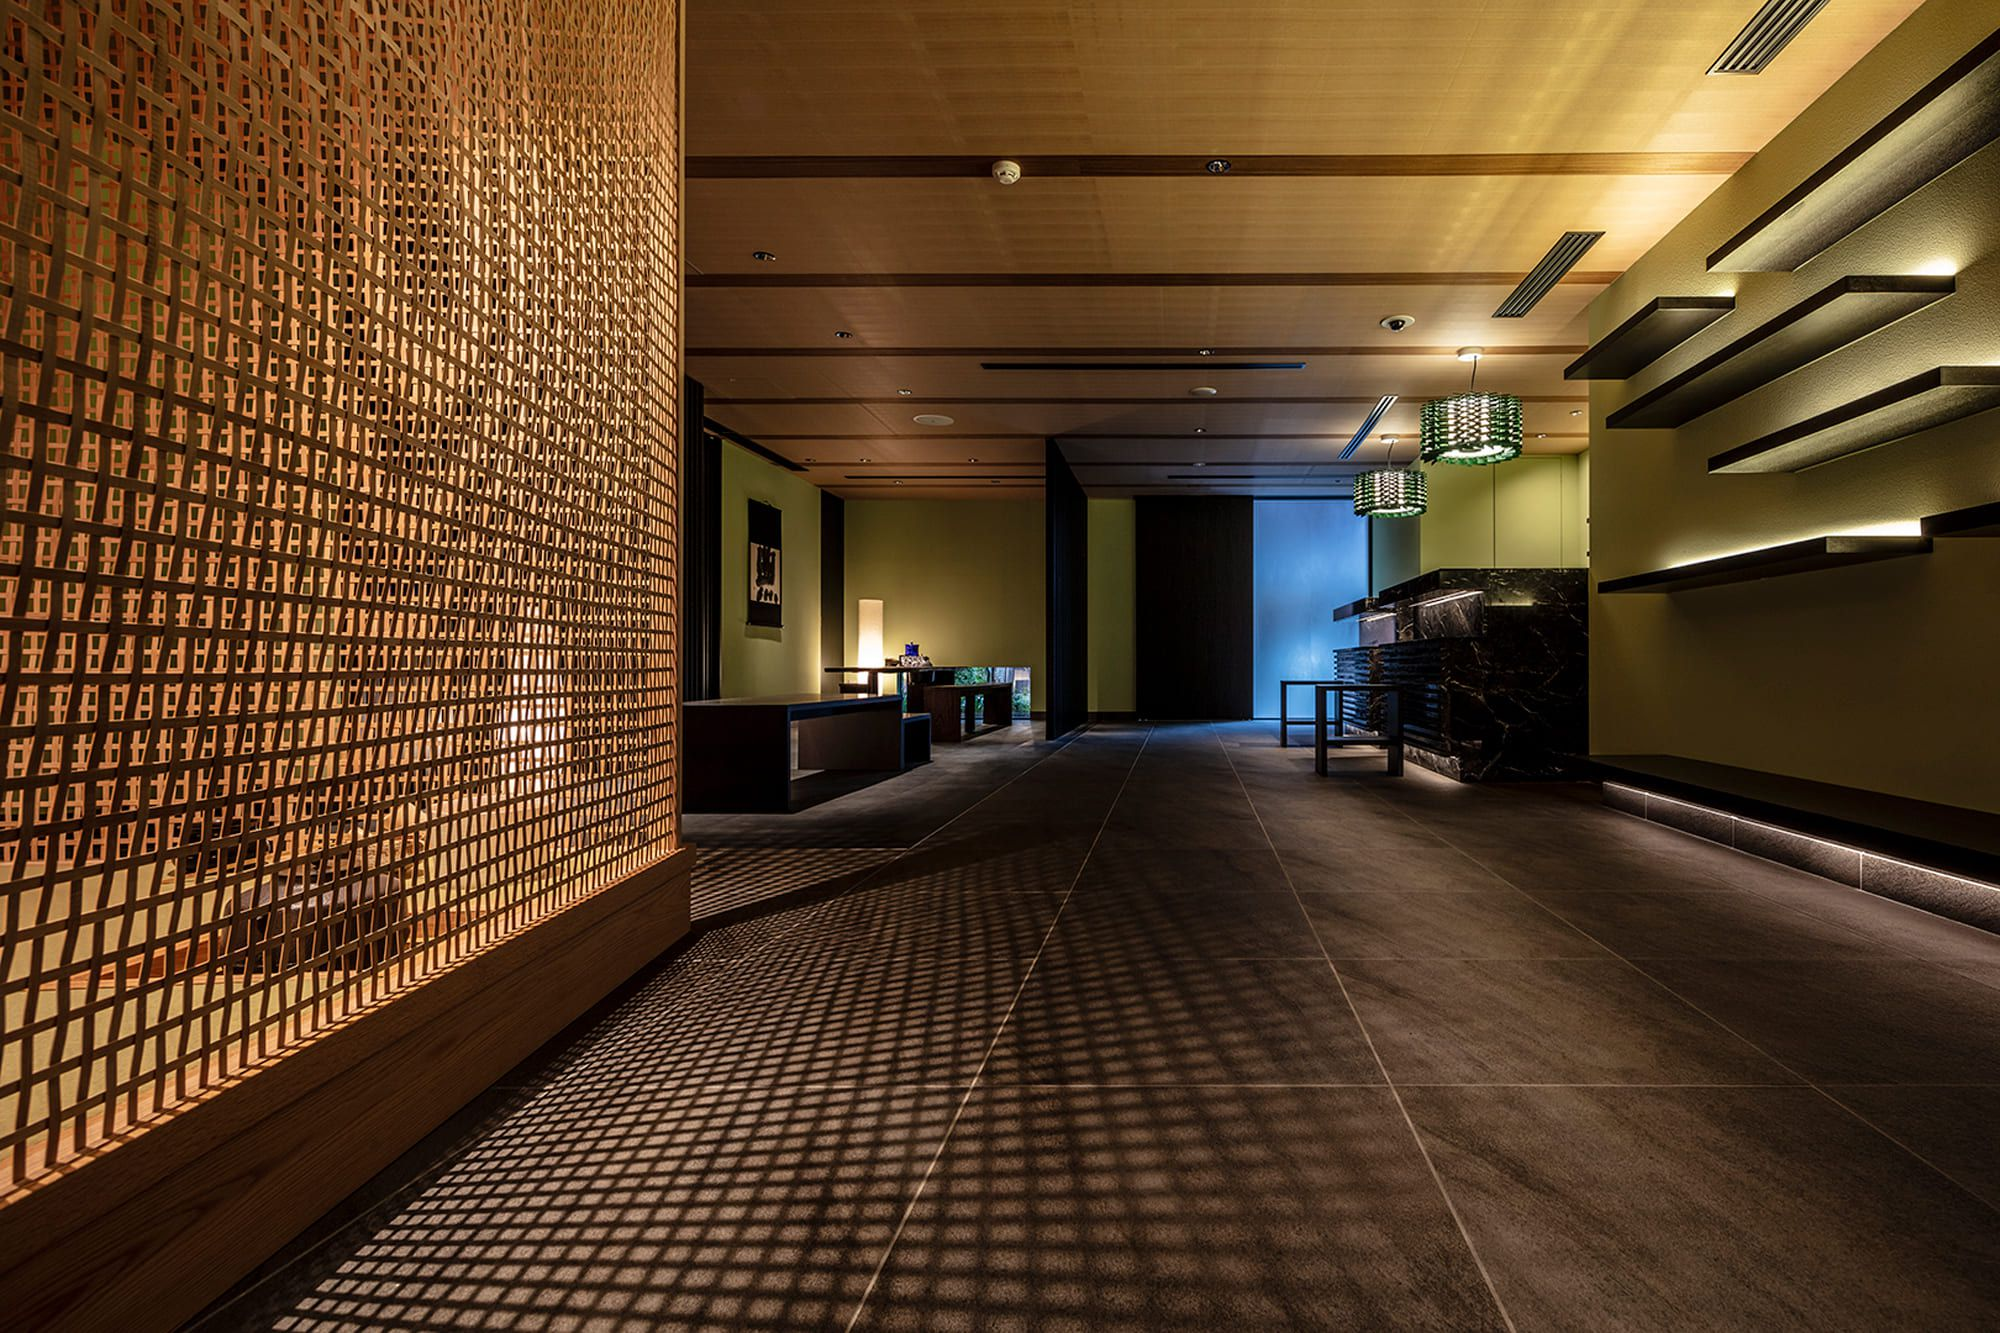 「麩屋町通り Ⅱ」のレセプション。内田繁デザインの茶室「山居」を通した陰影が美しい